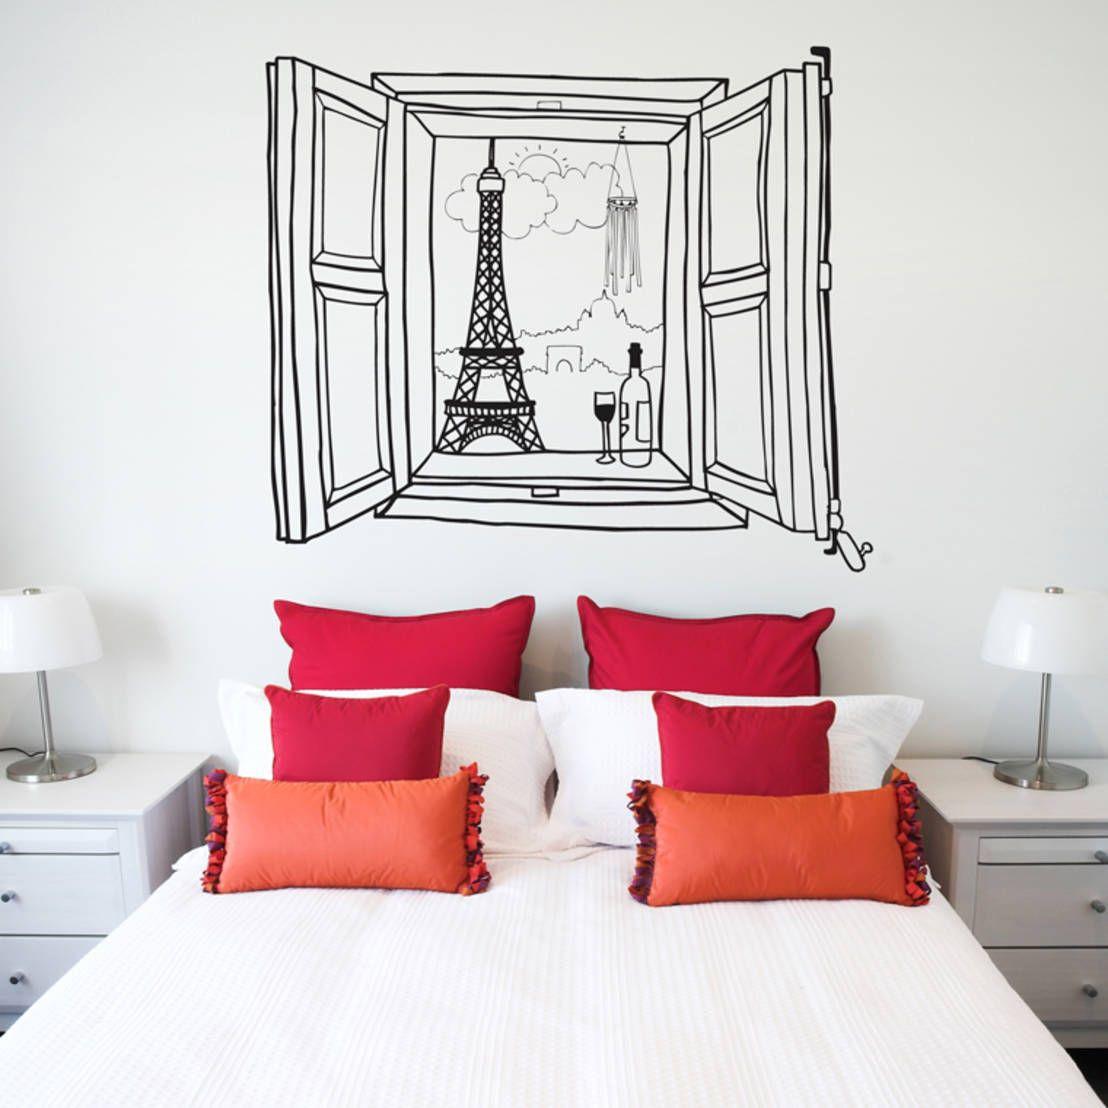 7 Falsas Perspectivas O Trompe L Oeil Geniales Plataforma  ~ Murales Decorativos Para Habitaciones De Adultos